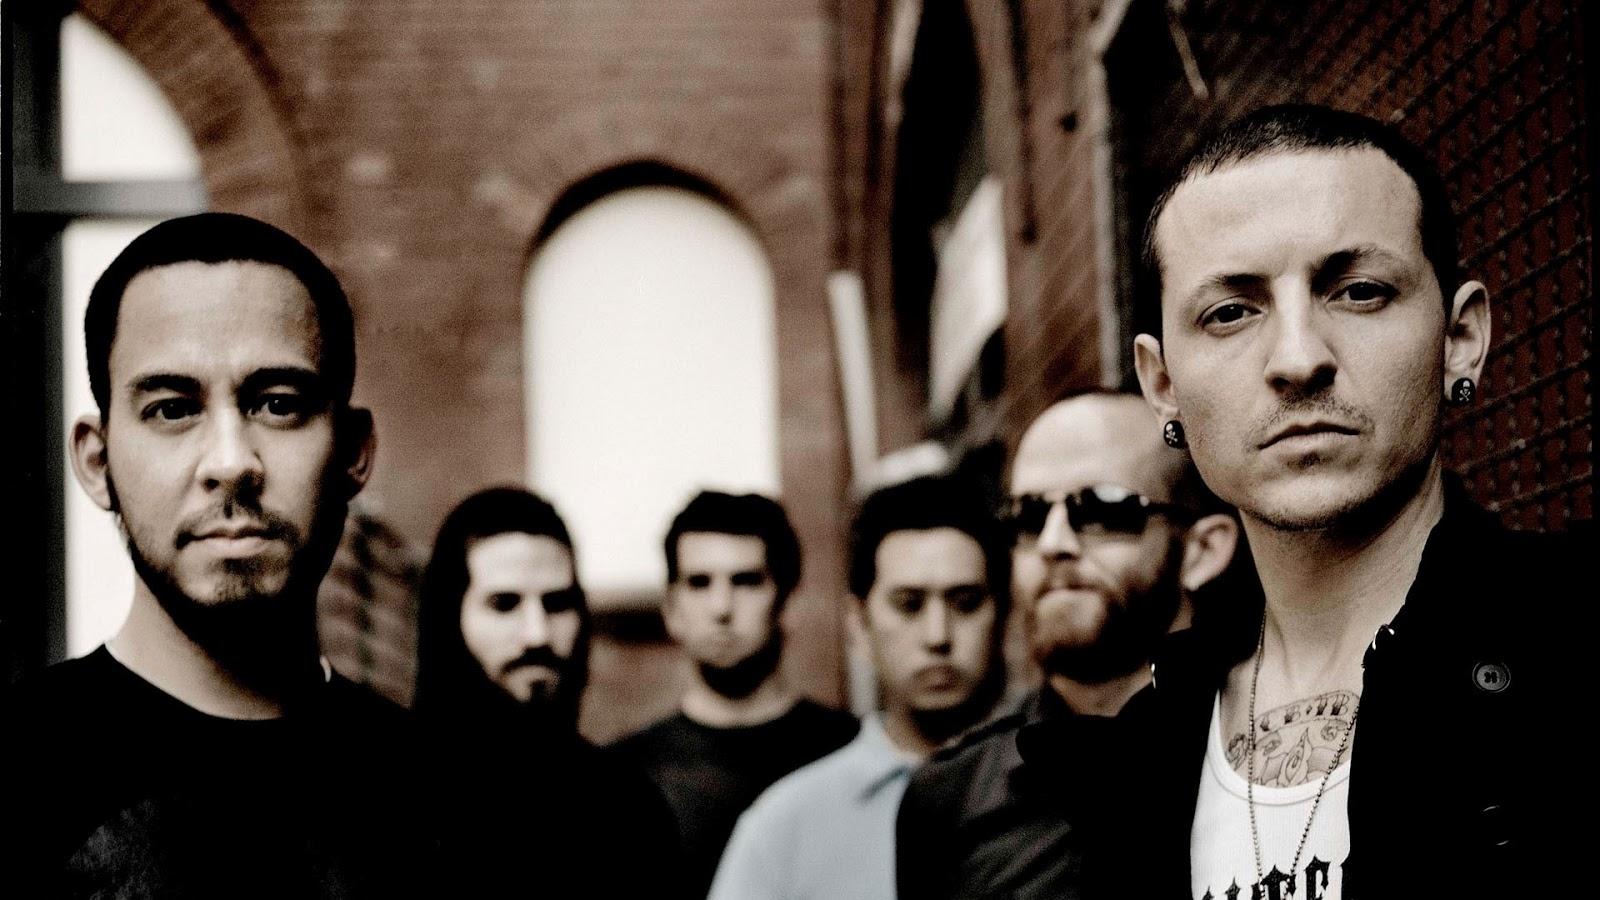 10 Linkin Park (LP) songslinkon park songs